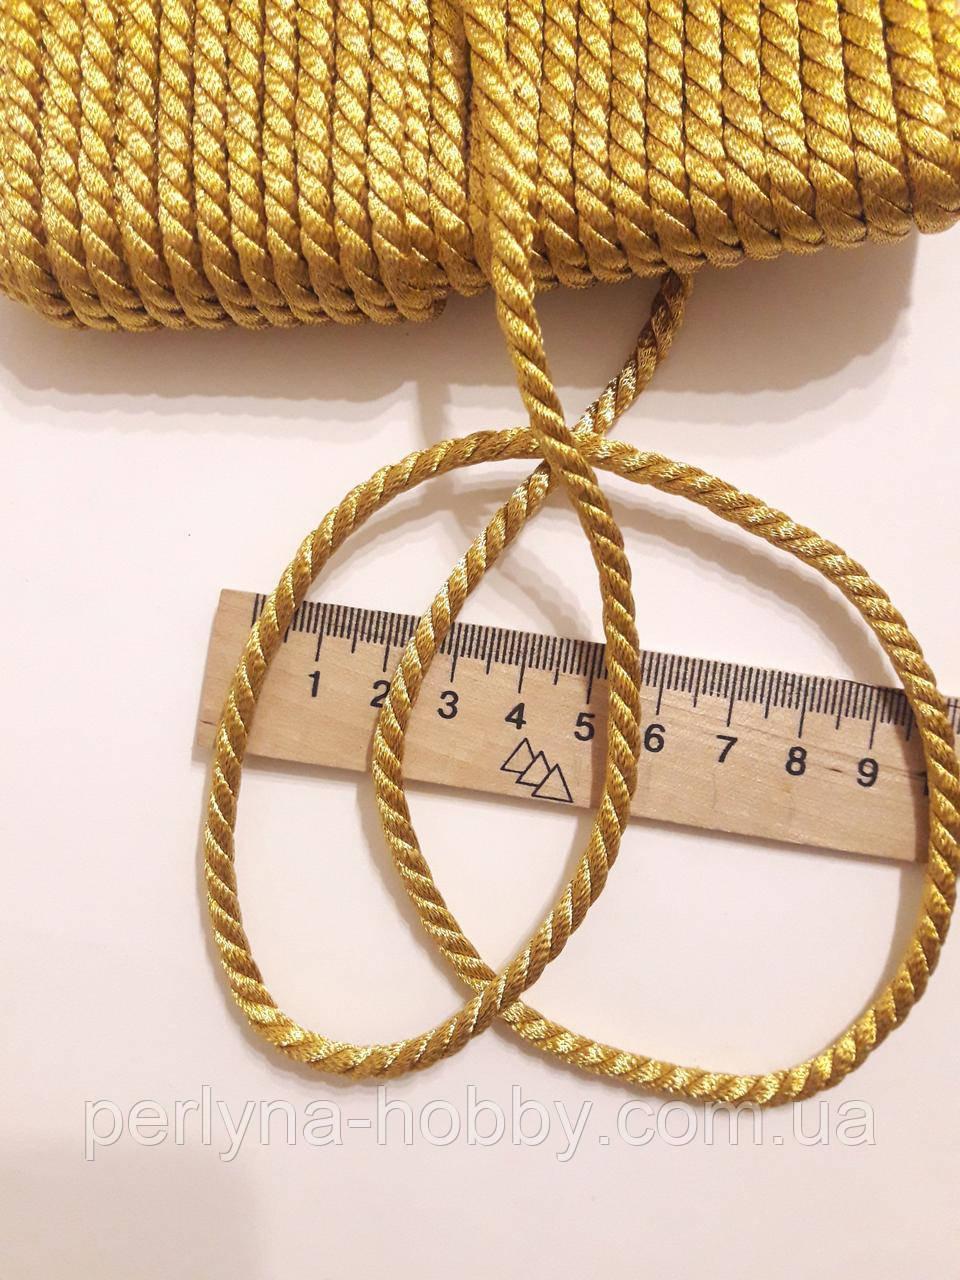 Шнур текстильный декоративный золото Шнур текстильний золотий люрексовий 4,5 мм. Ціна за 1 метр.